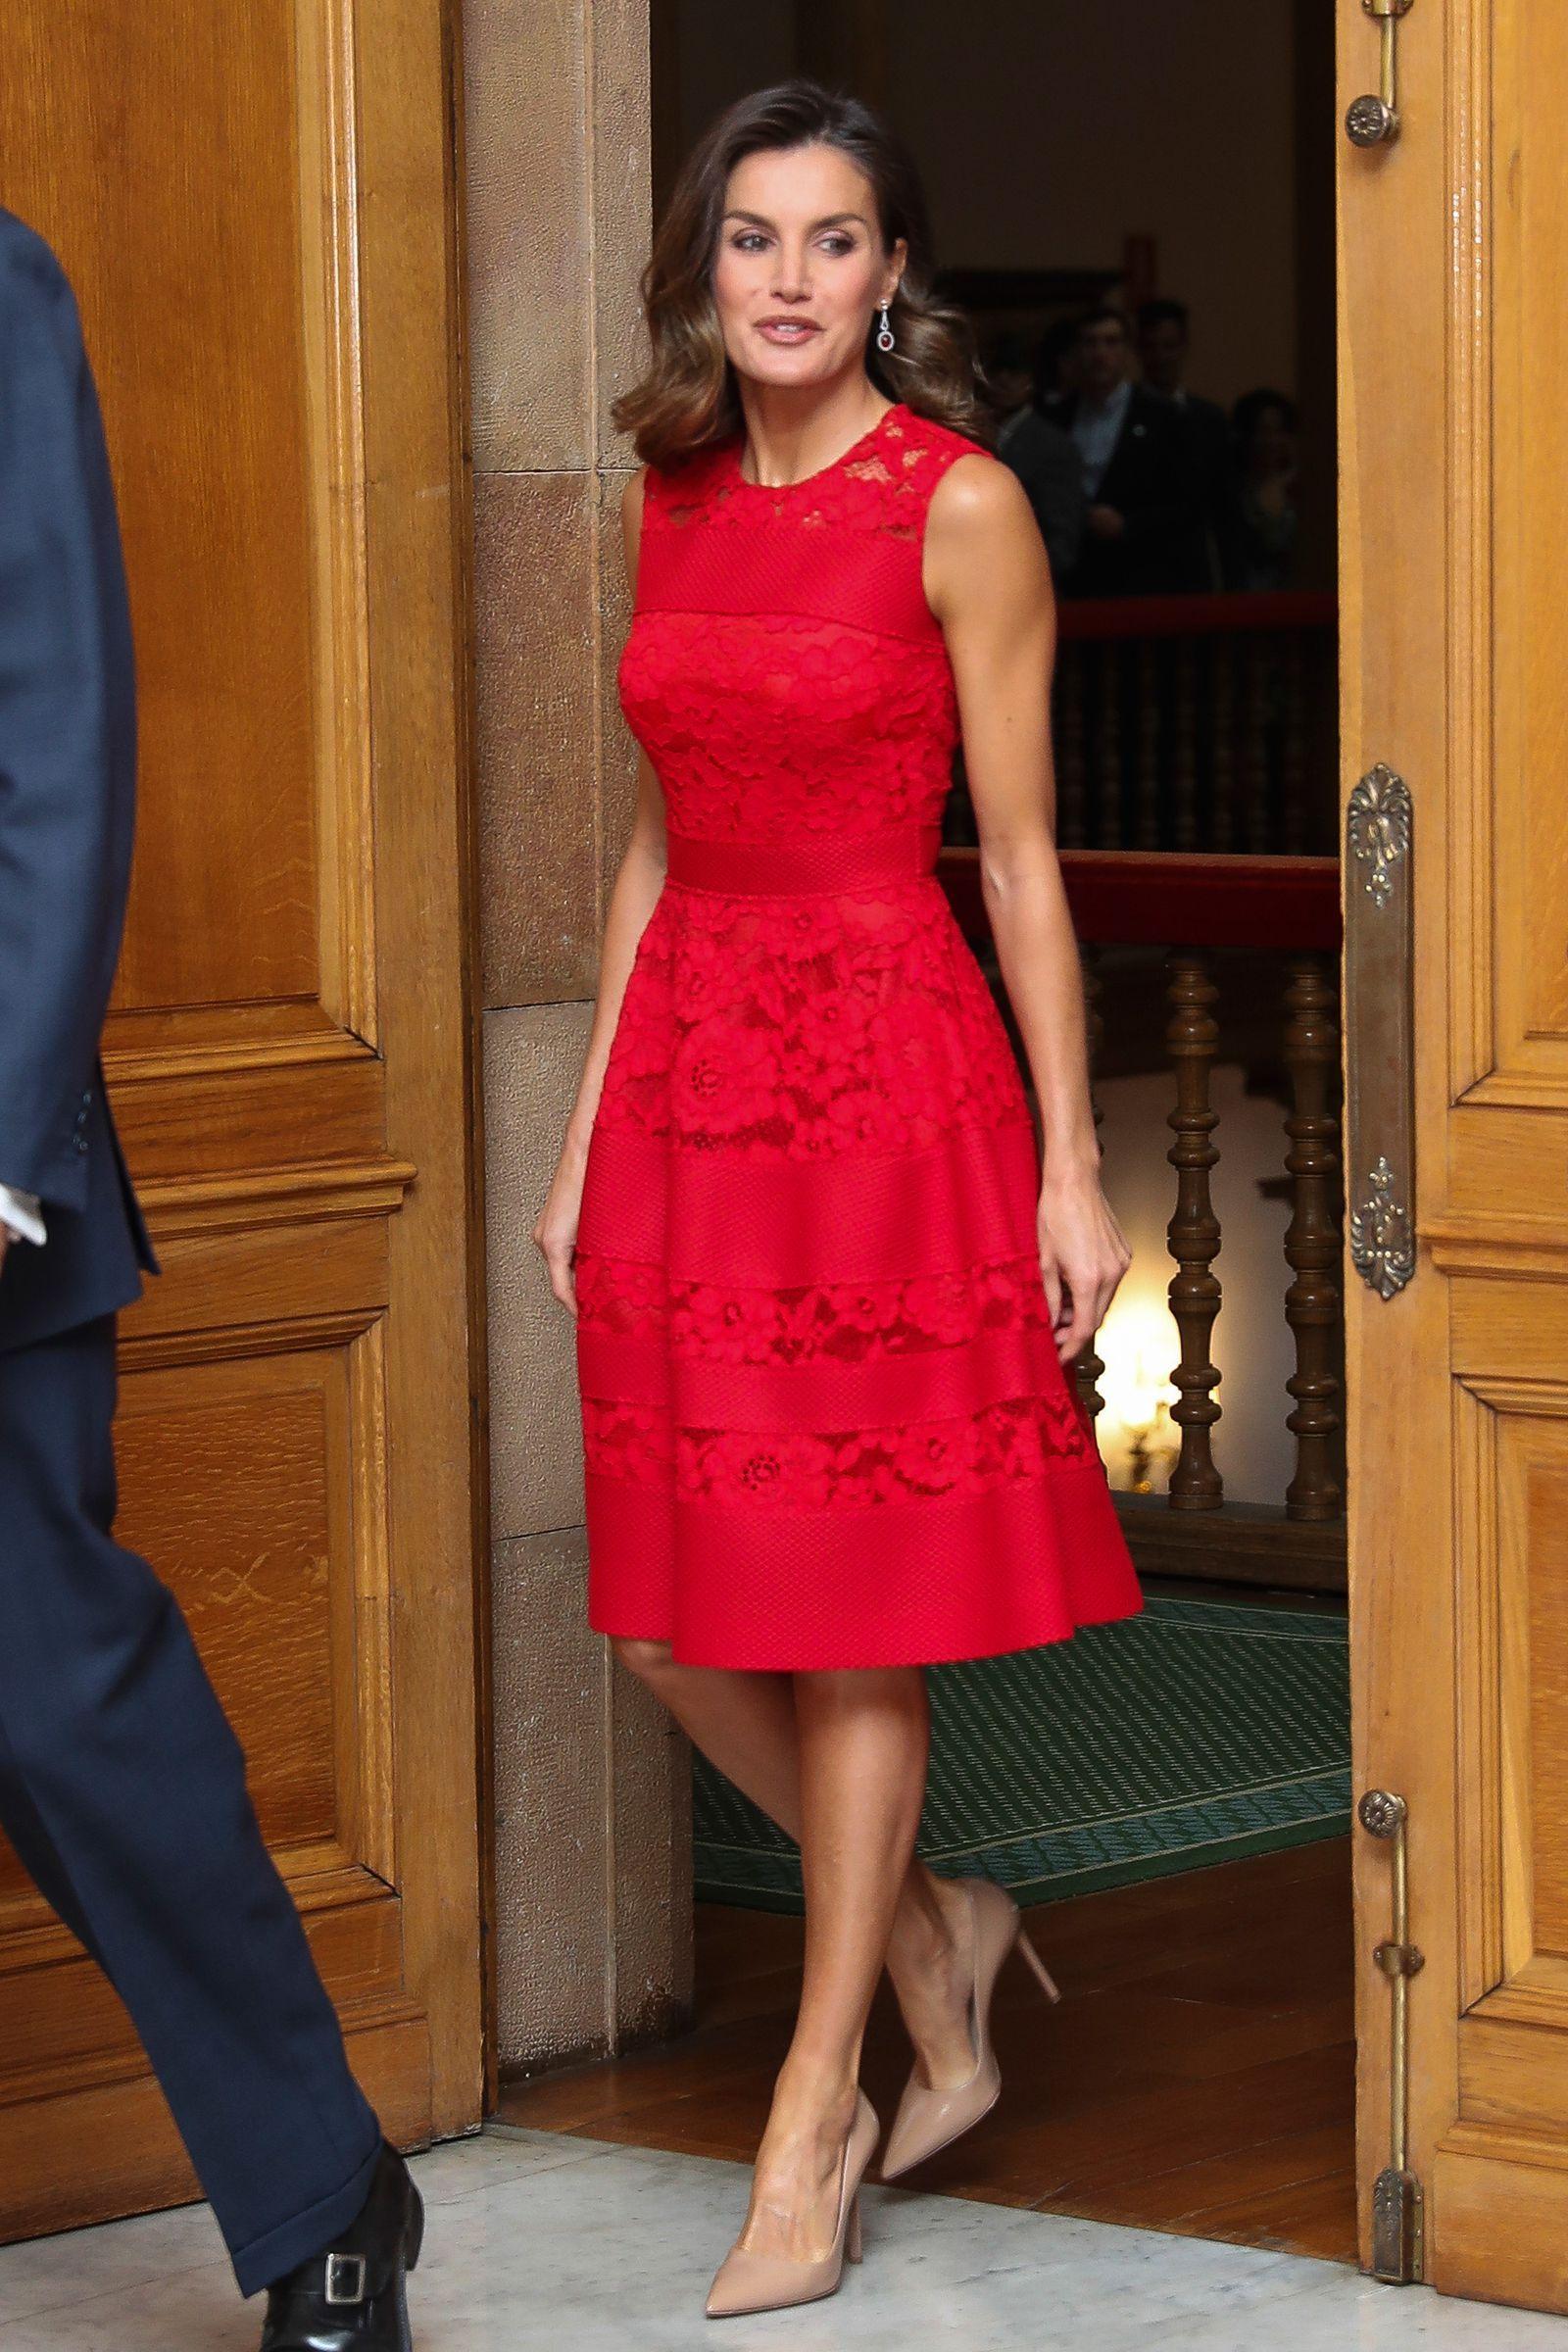 La reina Letizia repite uno de sus vestidos de Carolina Herrera más acertados | Vestido rojo encaje, Vestidos de moda, Vestidos de encaje